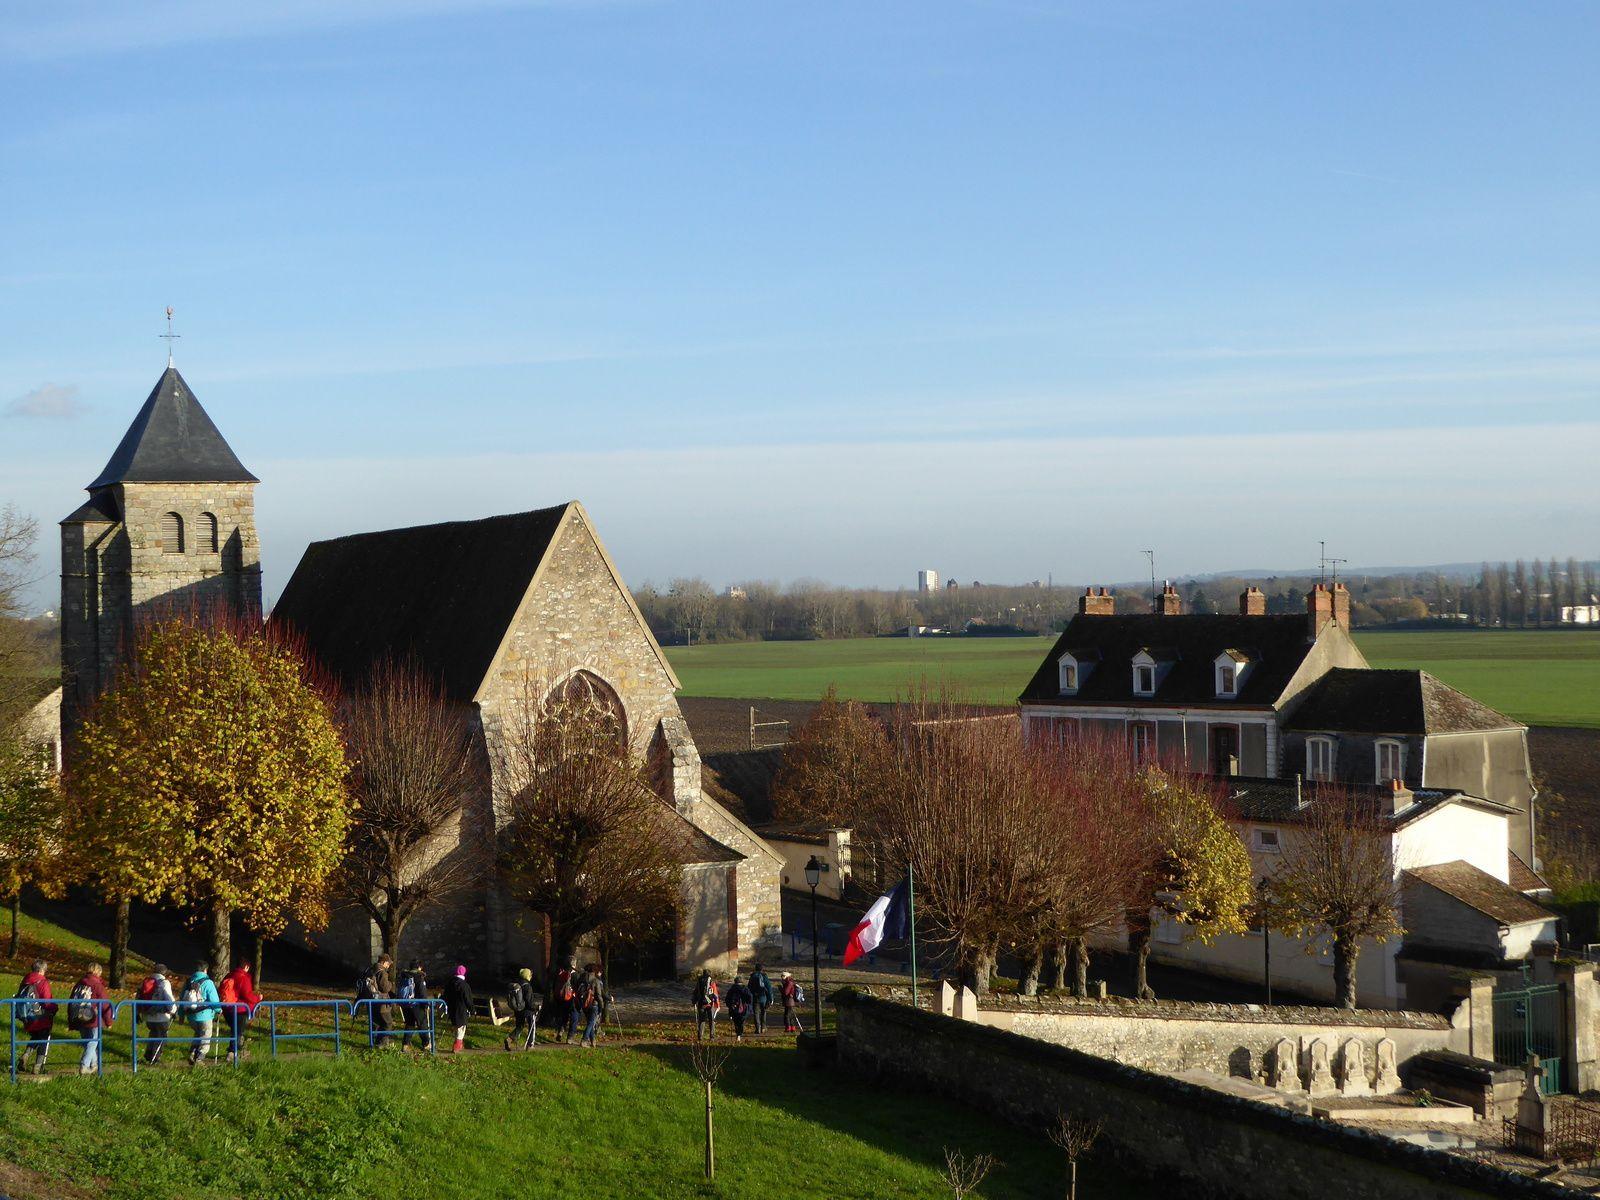 Randonnée de Champagne-sur-Seine à La Grande Paroisse 17 km - 2/2